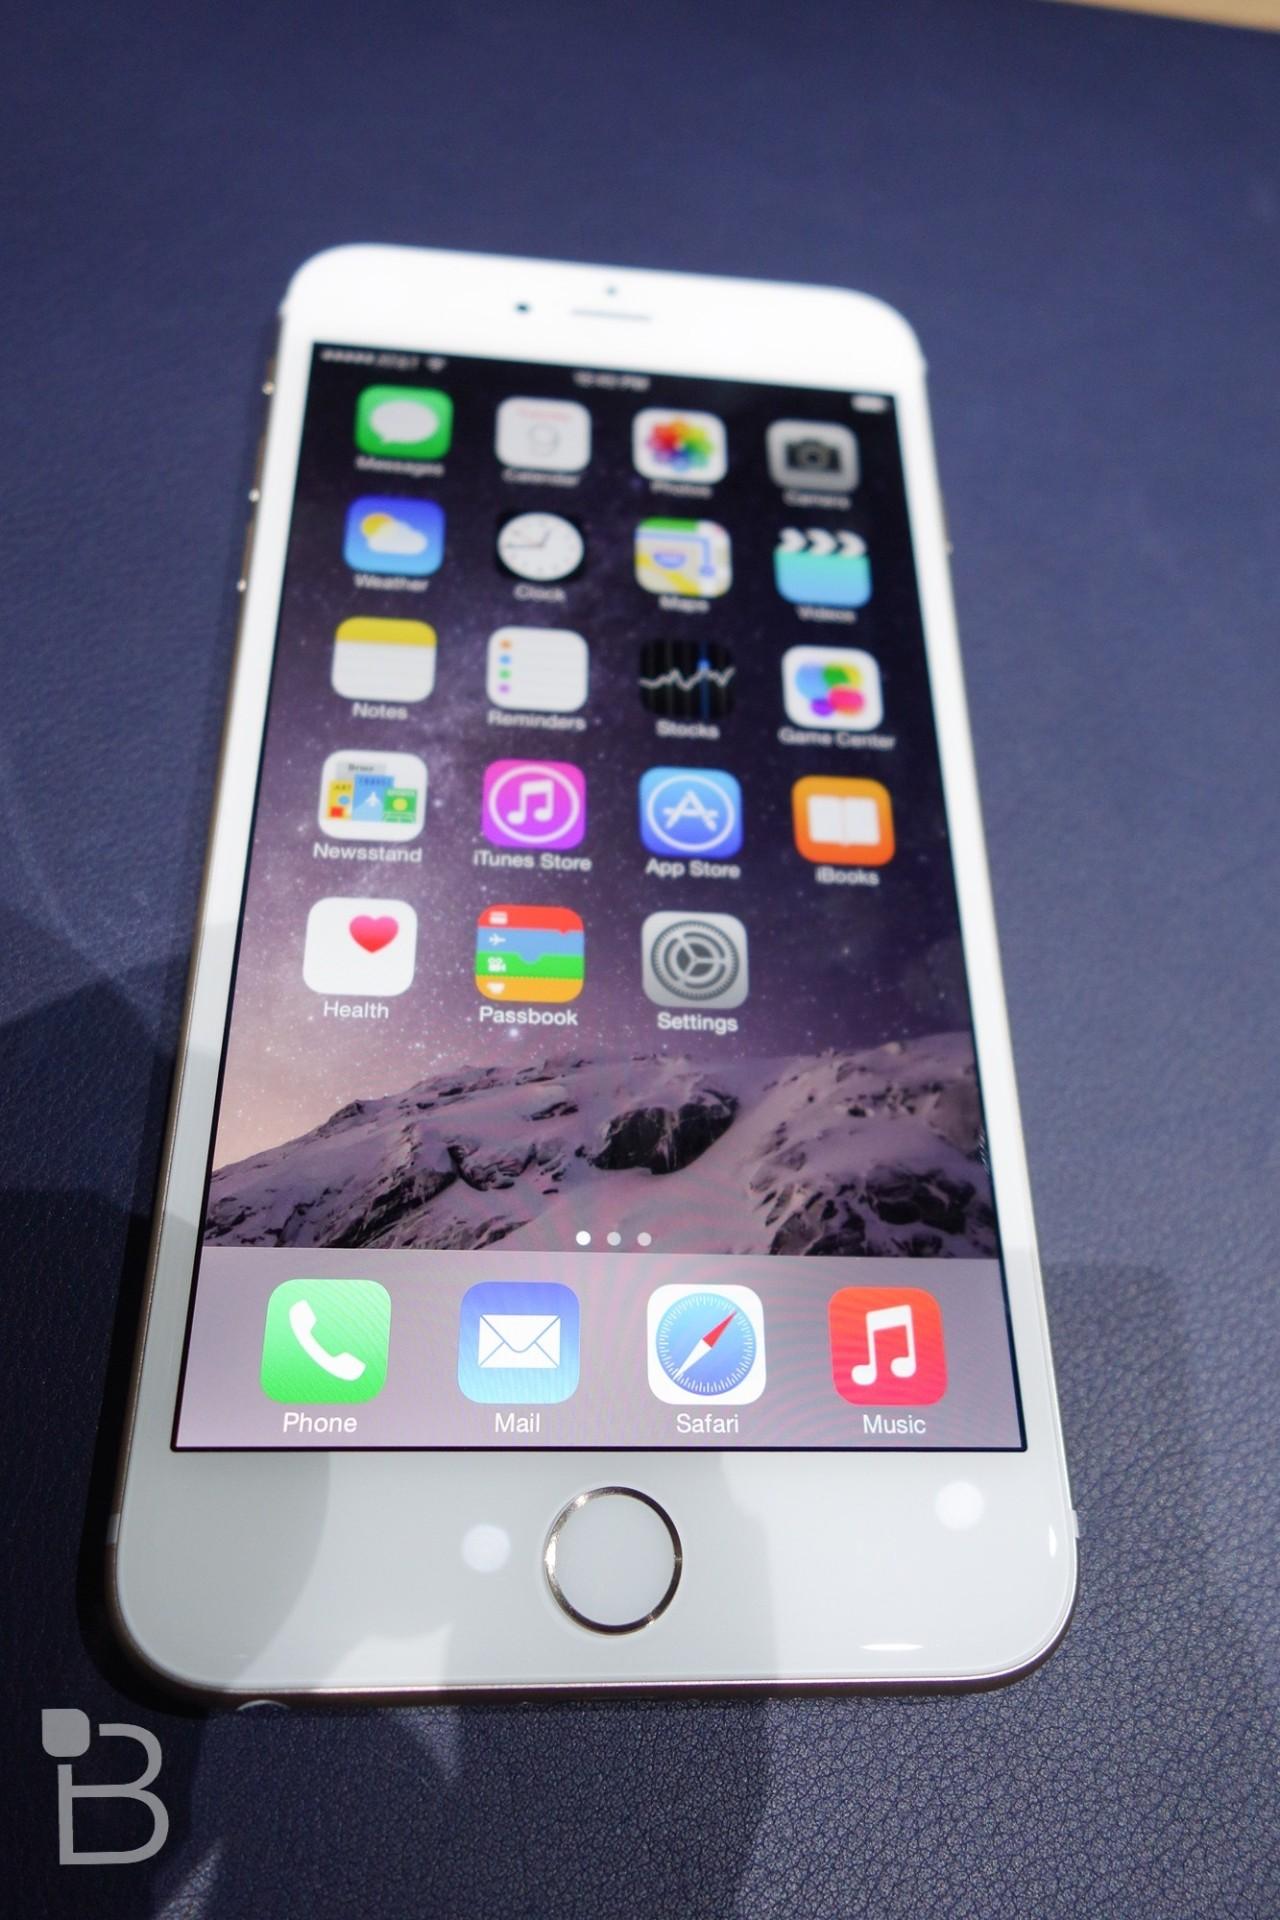 Apple-2014-iPhone-6-Plus-4-1280x1920